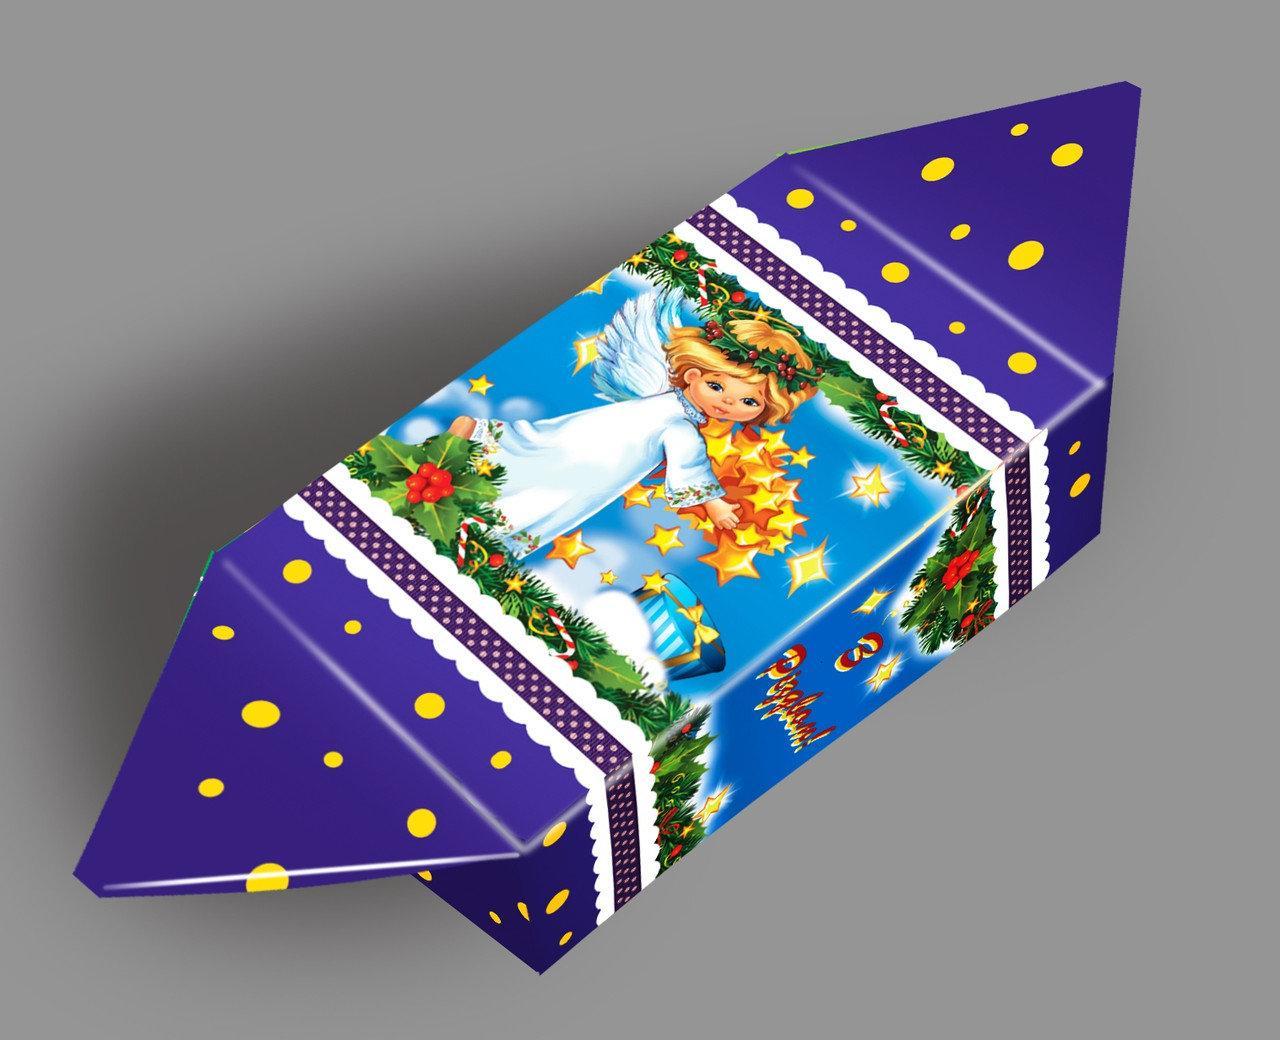 Картонная упаковка, Конфета новогодняя Рождественский Ангел, до 200г, мелкий опт